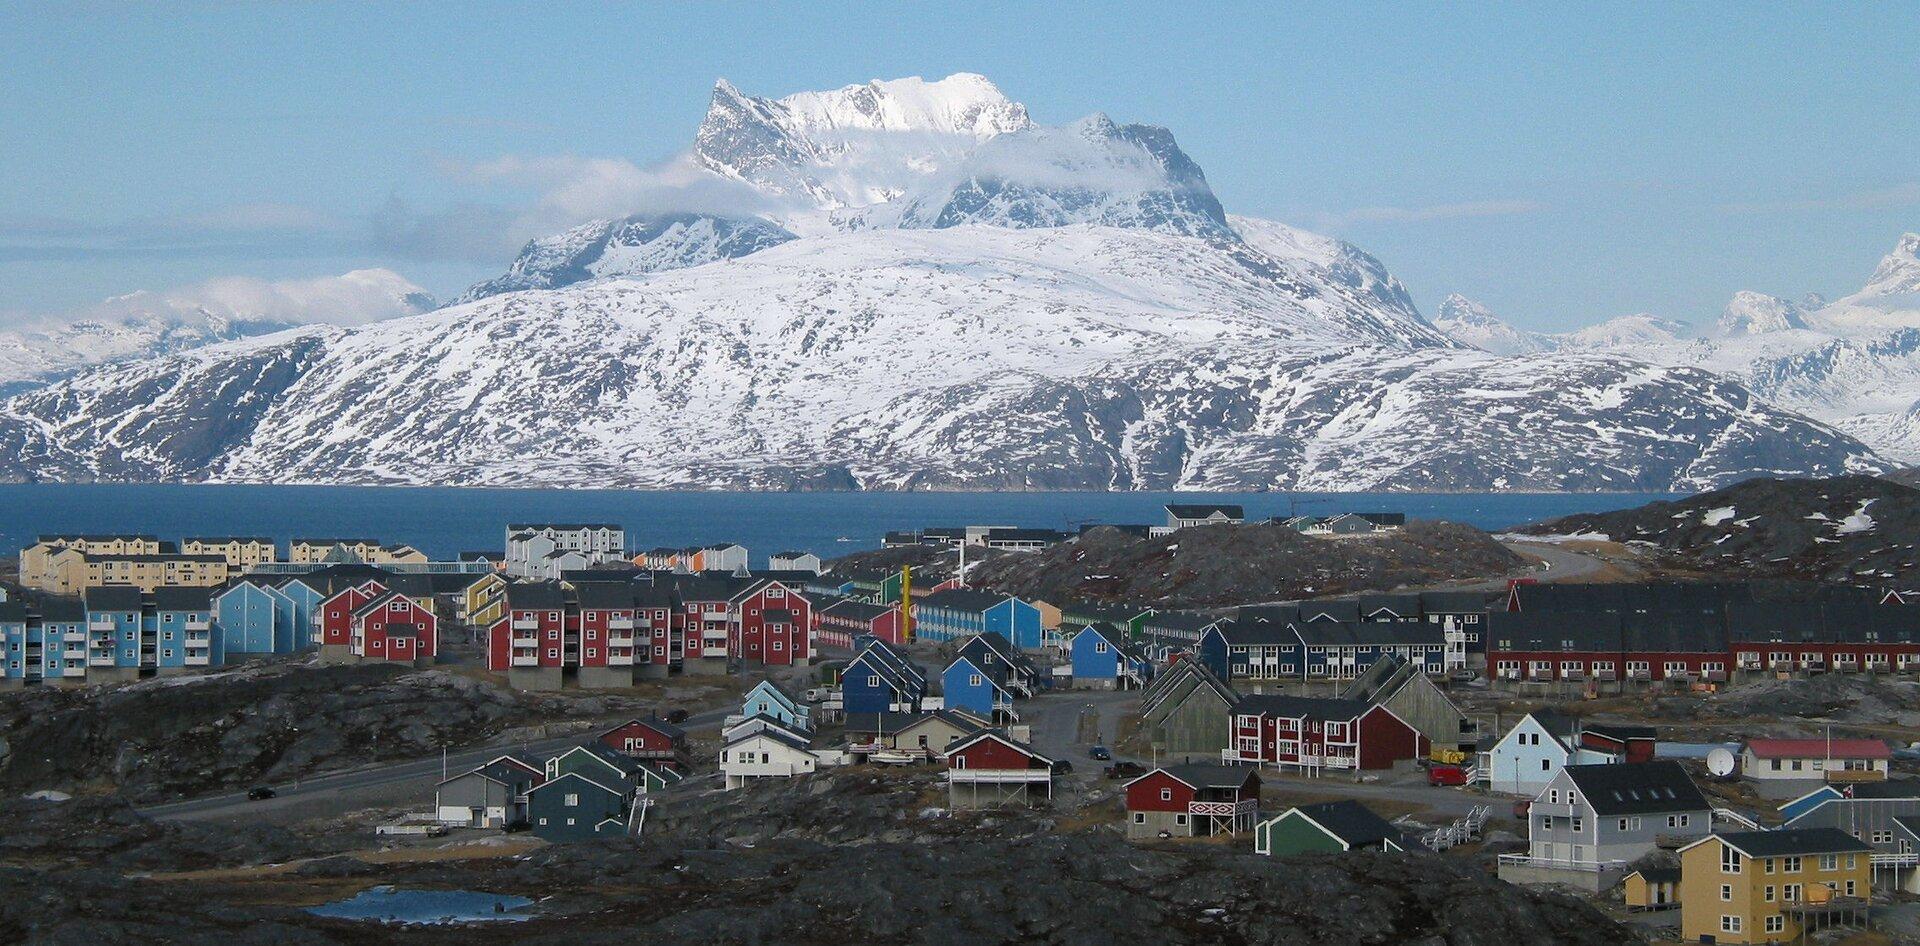 Na zdjęciu zabudowania na brzegu morza, kolorowe domy, spadziste dachy. Brak roślinności. Wtle na drugim brzegu skalisty, ośnieżony szczyt.